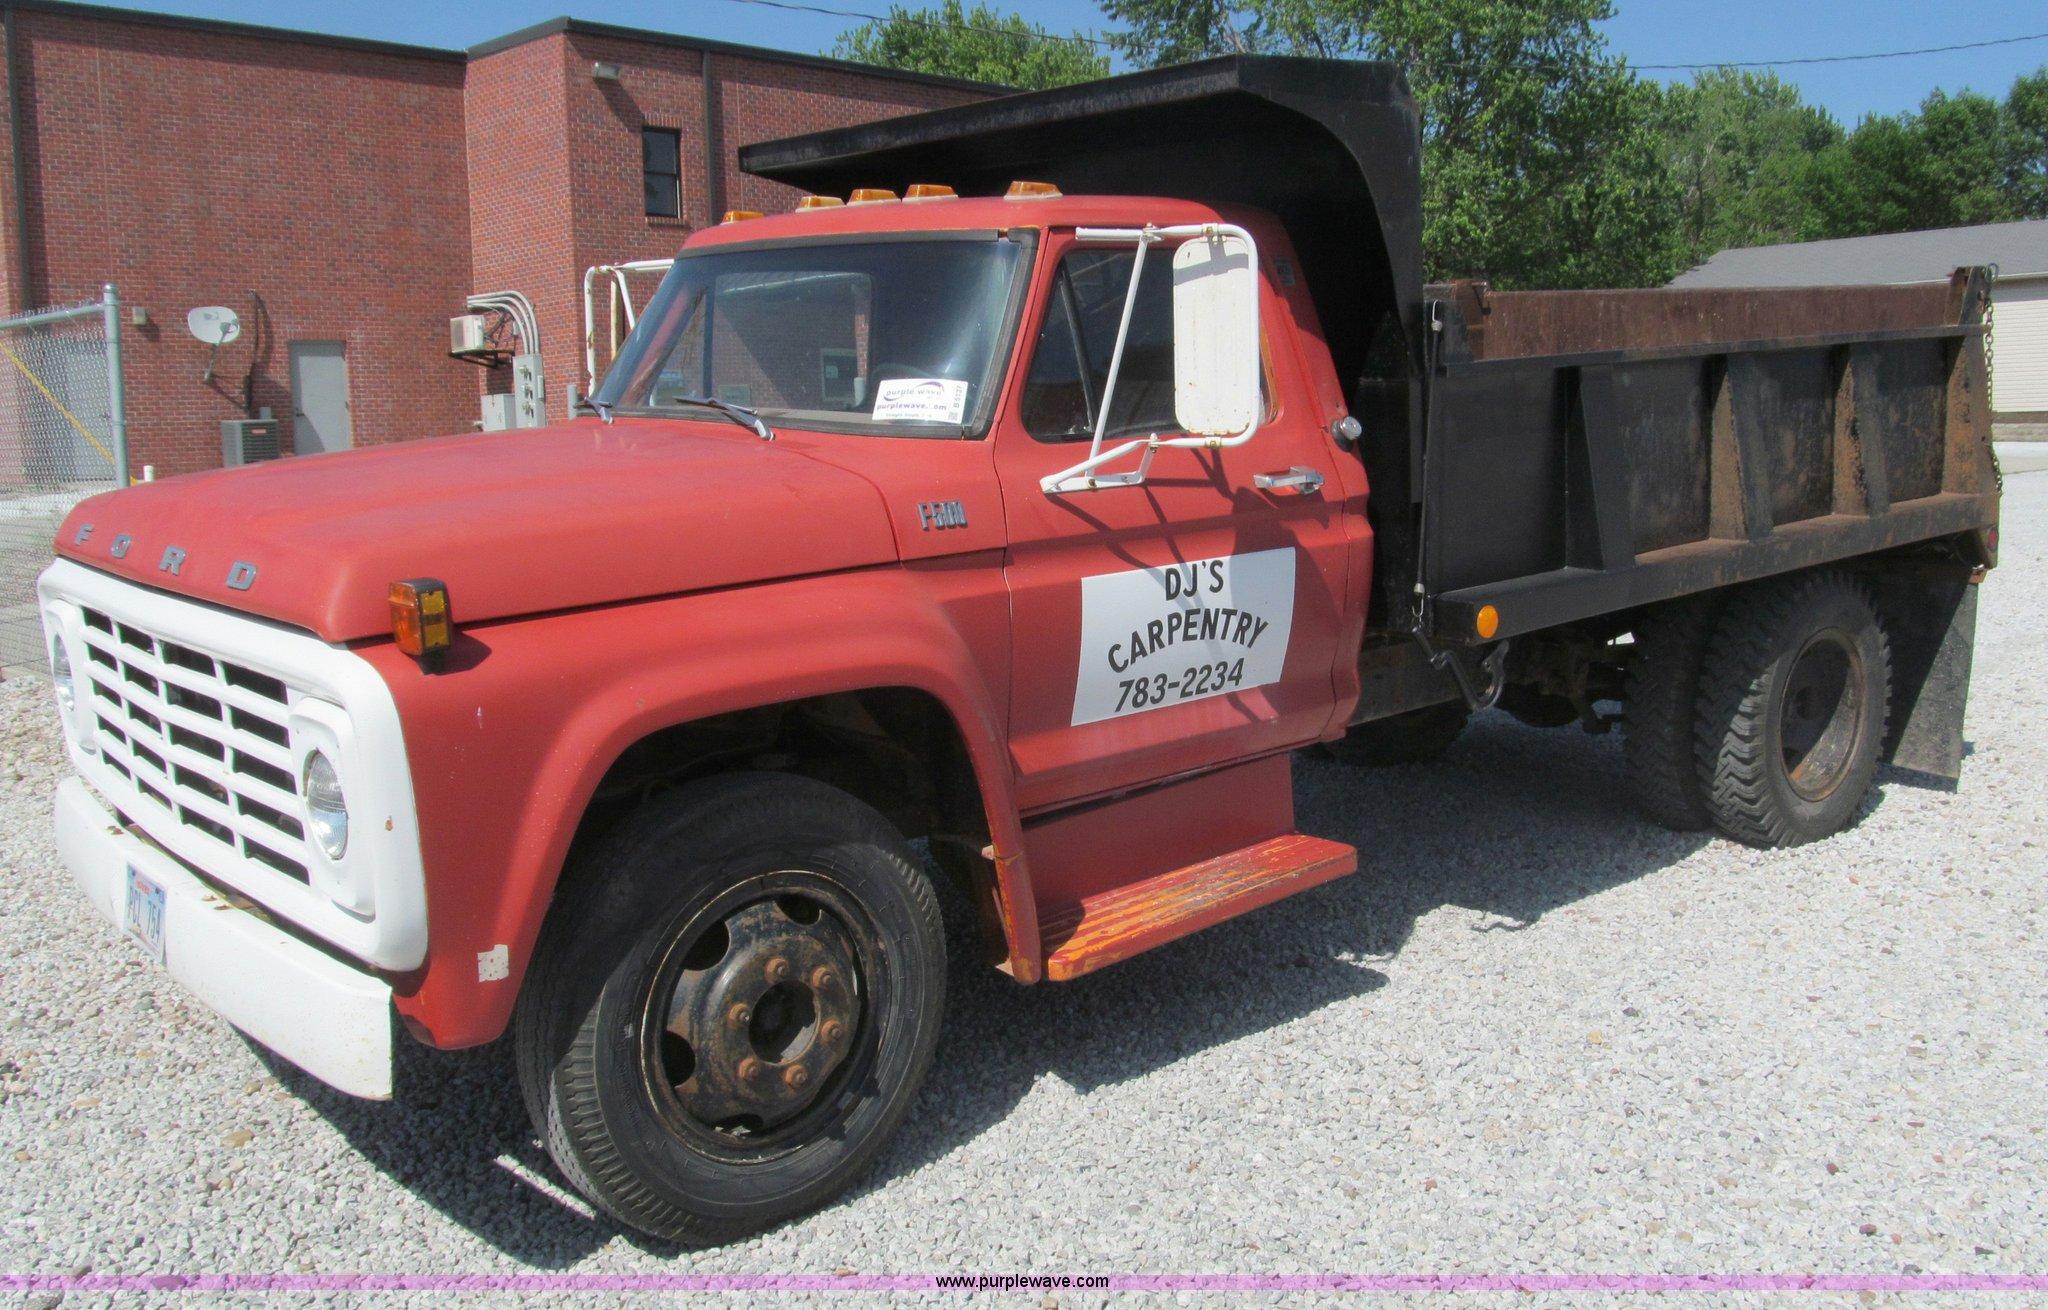 F500 Pickup 1970 Ford Truck Single Axle Dump Item Sold 2048x1310